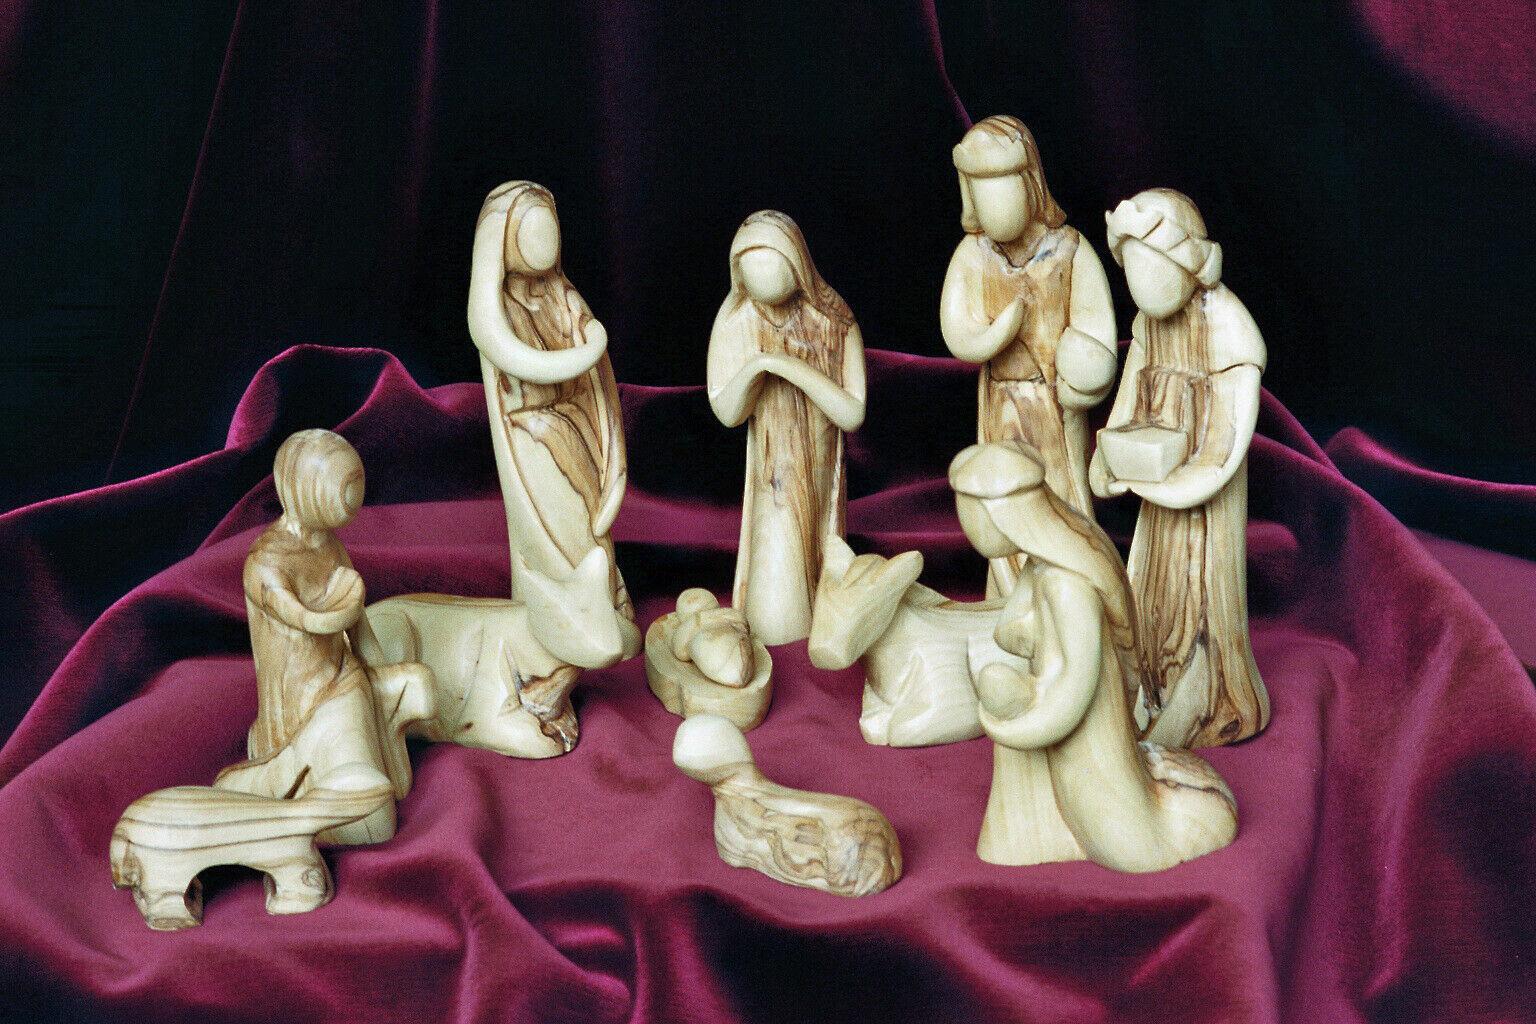 Krippenfiguren Olivenholz MODERNER Stil. Höhe 16 cm. 11-teiliges Krippenspiel.